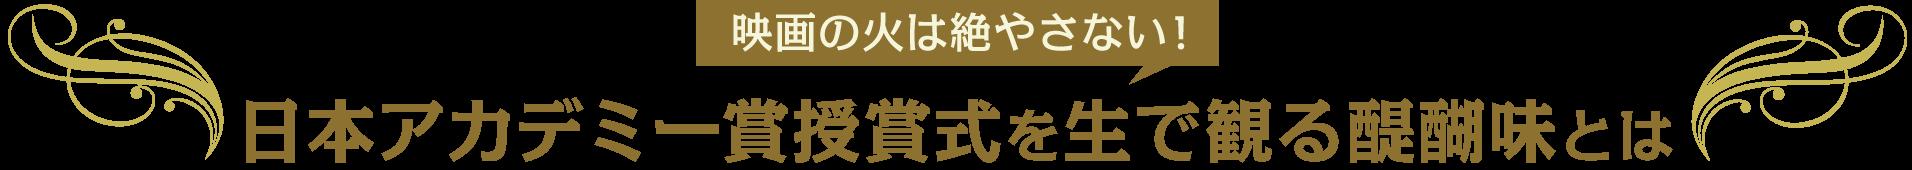 賞 2021 アカデミー ノミネート 日本